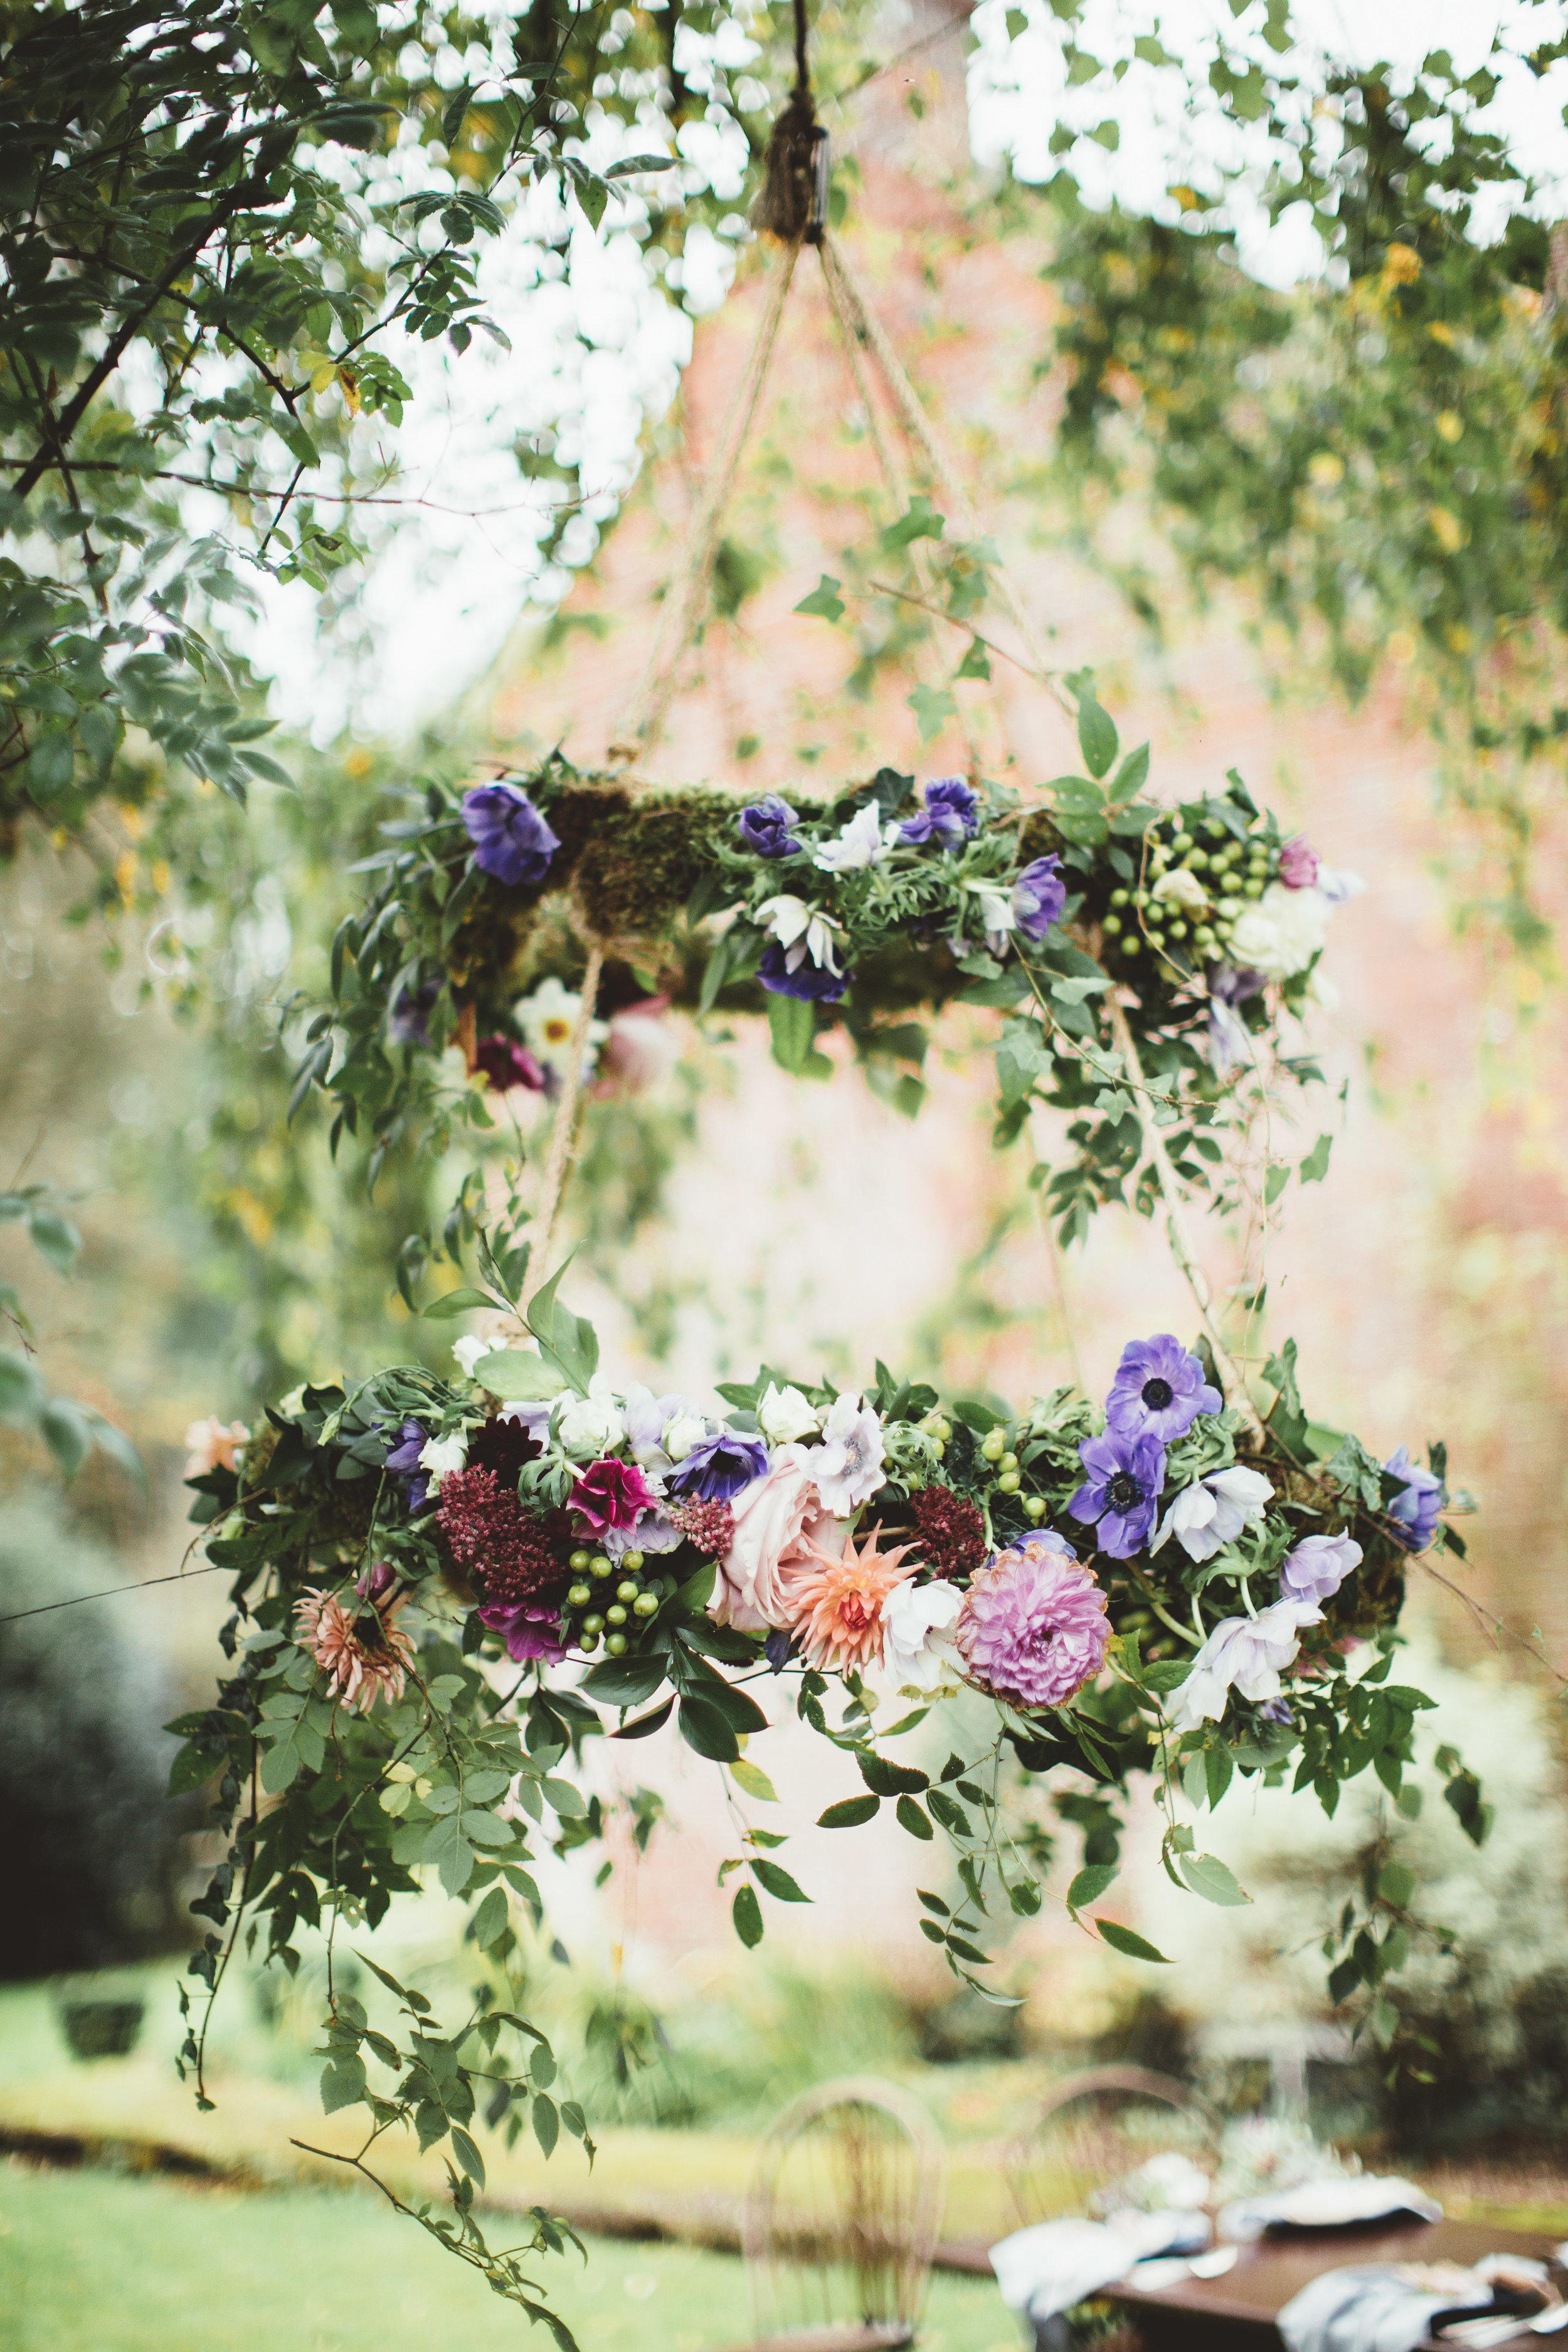 jennifer pinder flower school is voted best in England photos of portfolio summer wedding workshop - maryanneweddings-208.jpg